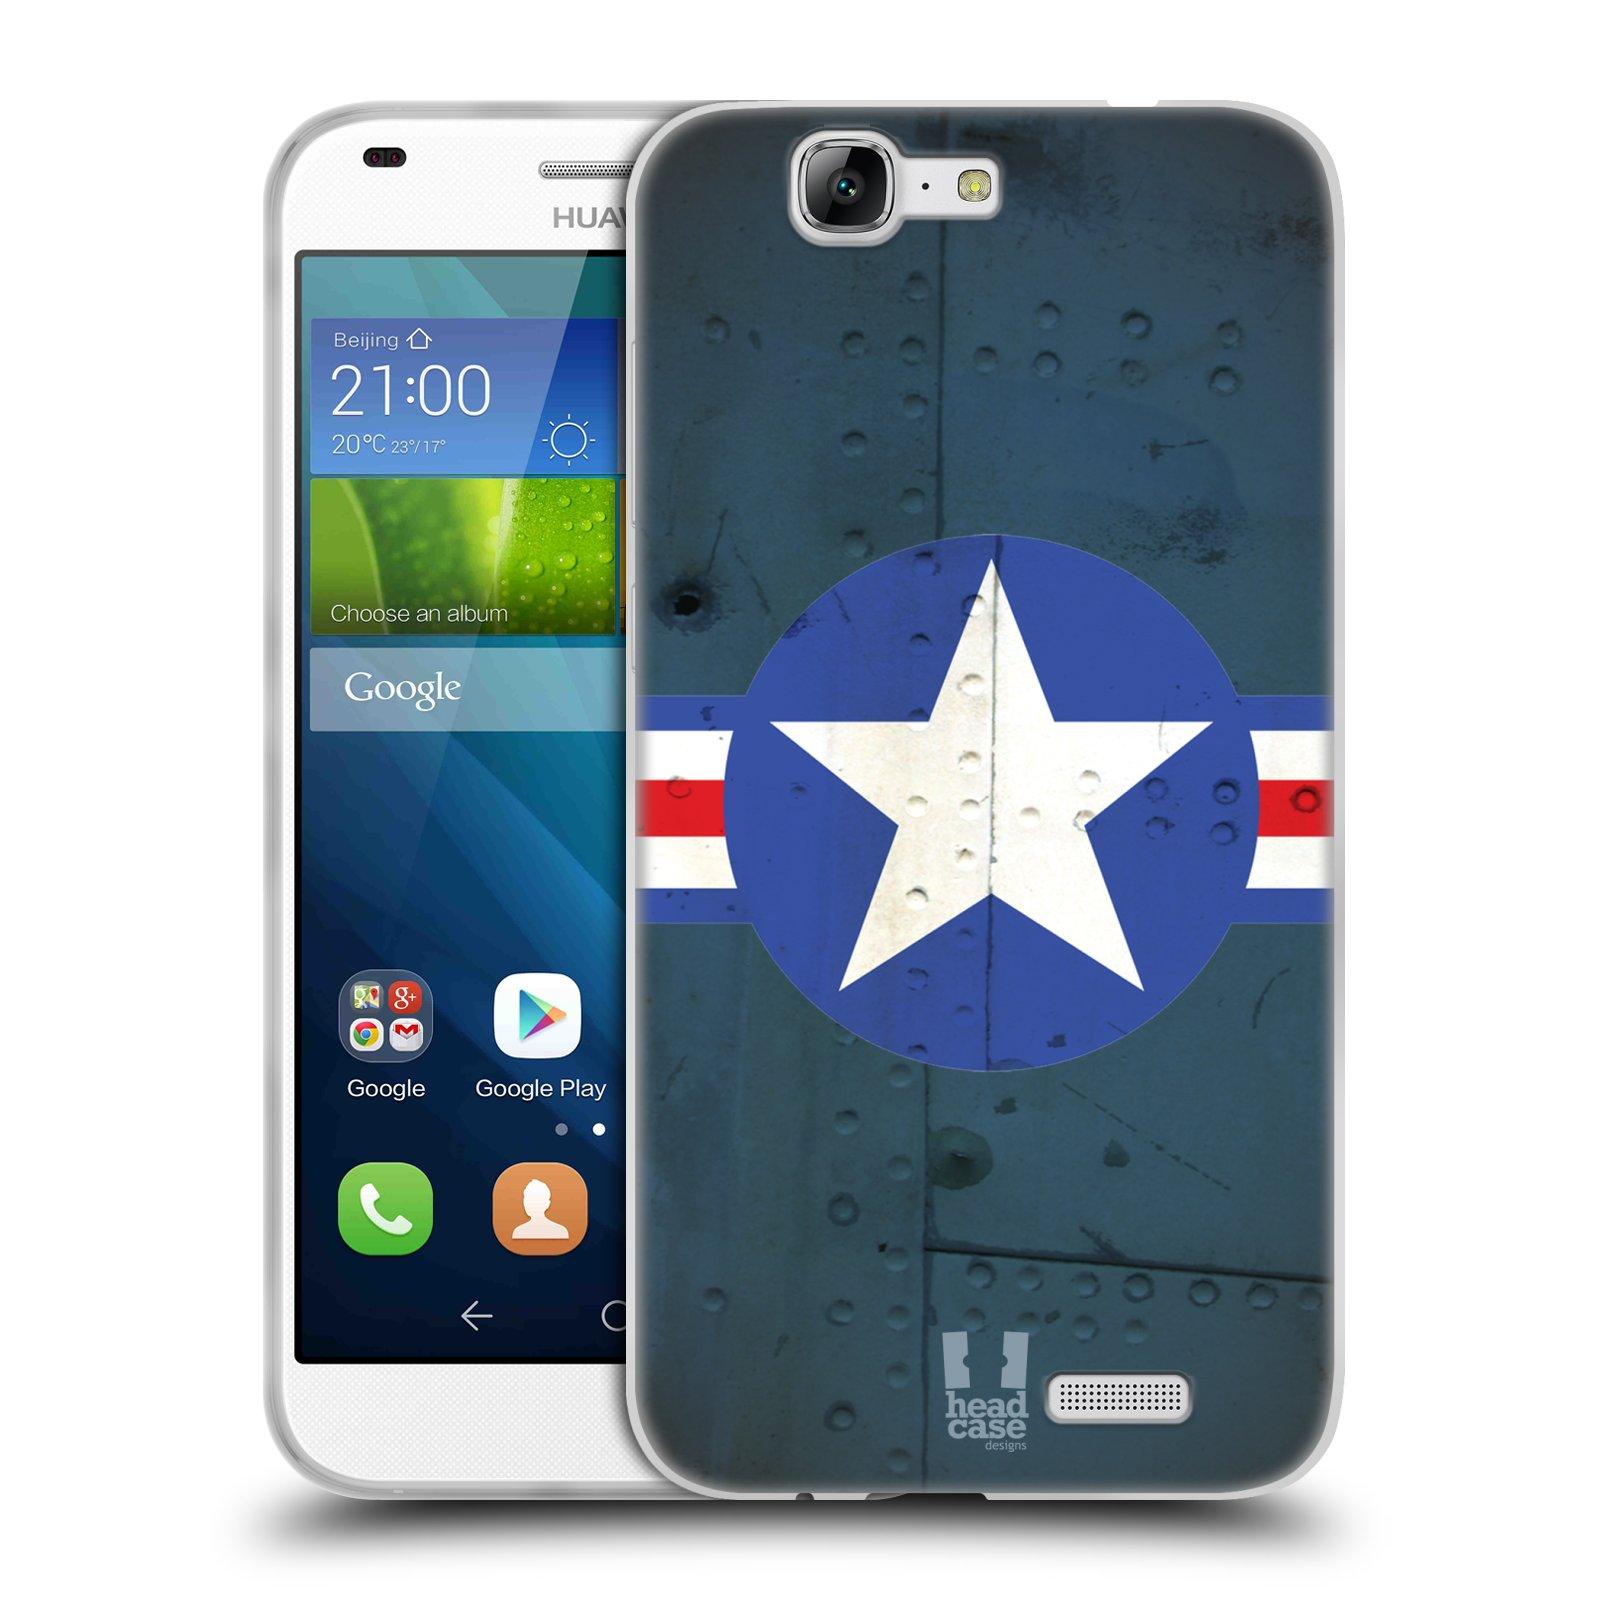 Silikonové pouzdro na mobil Huawei Ascend G7 HEAD CASE POSTWAR (Silikonový kryt či obal na mobilní telefon Huawei Ascend G7)